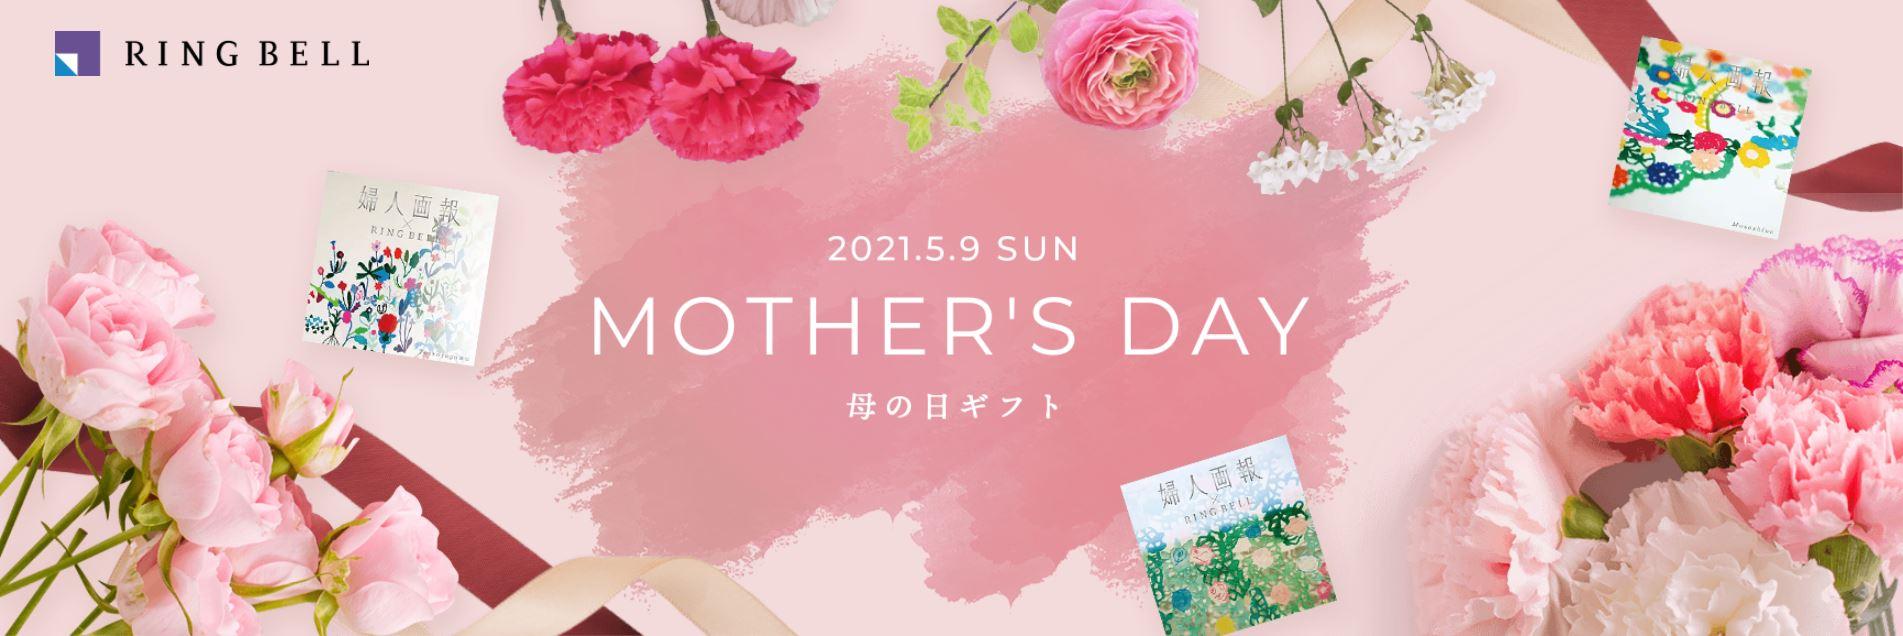 5月9日は母の日!お母さんに選んでもらえる特別なギフトを贈りませんか ...